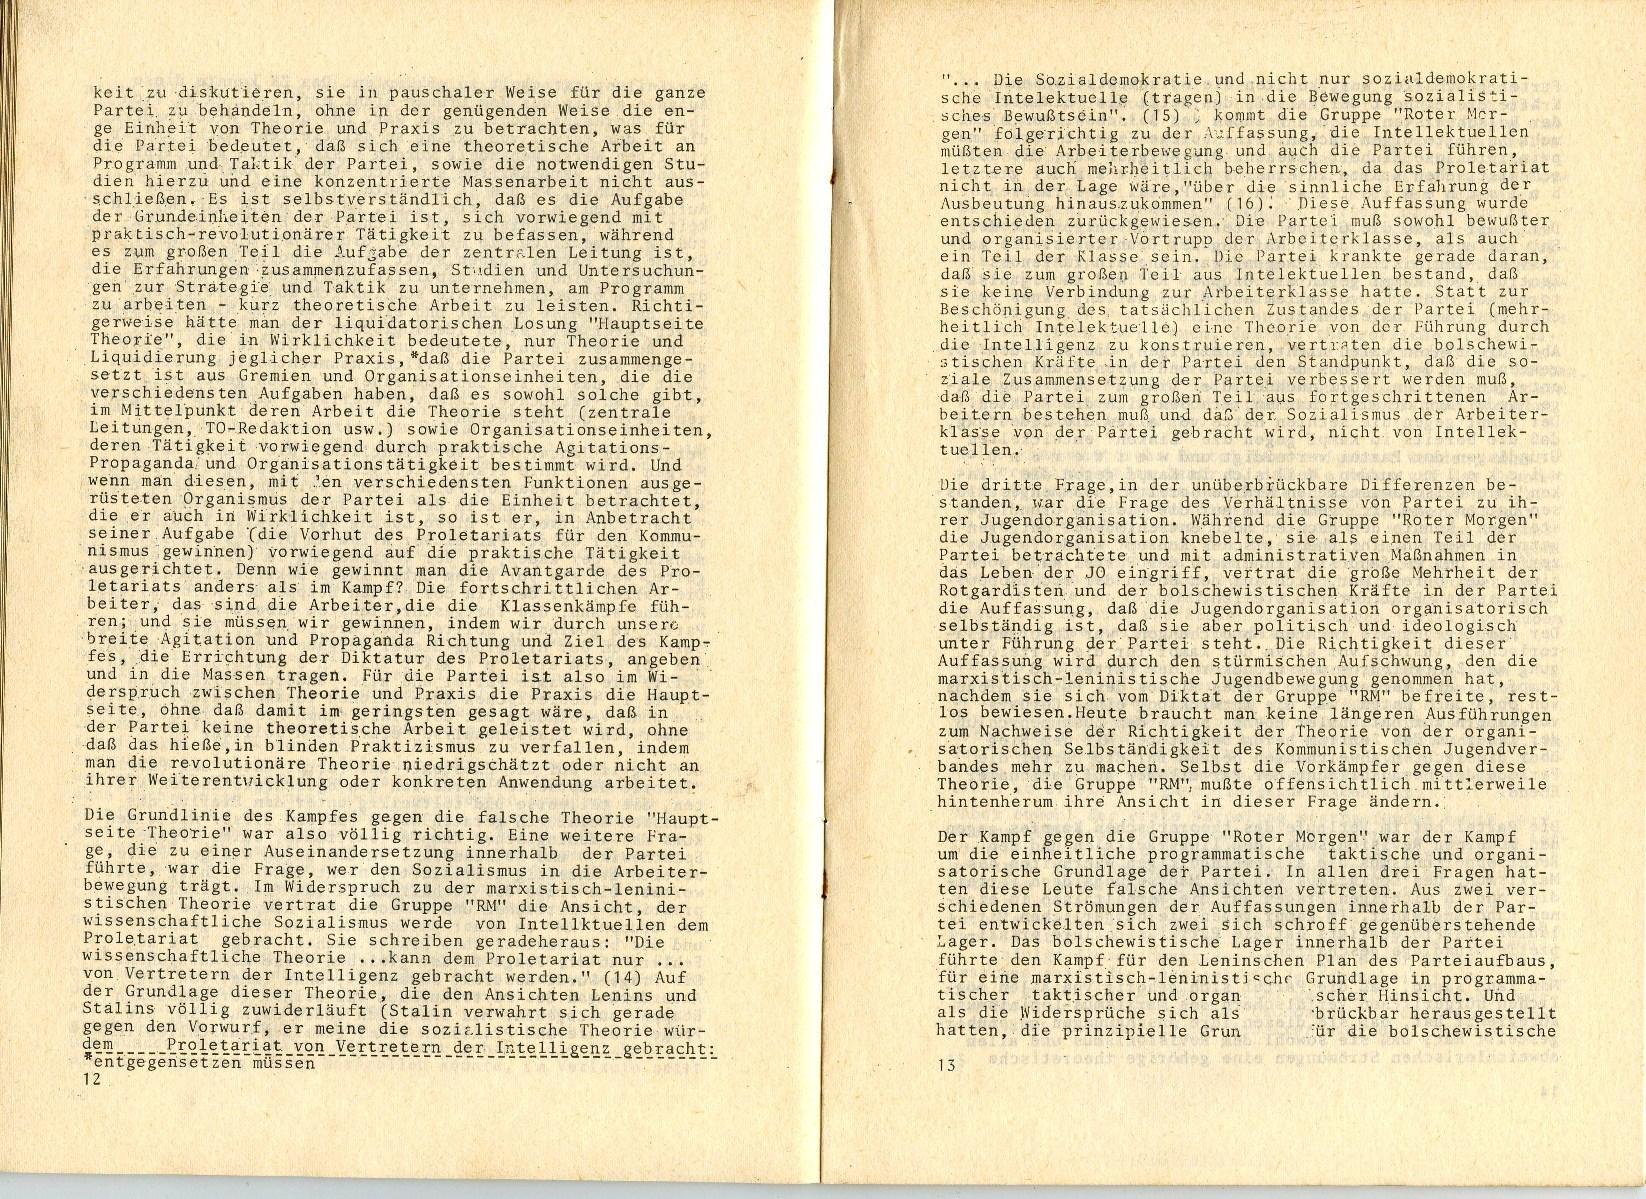 ZB_Etappen_Parteiaufbau_1971_13